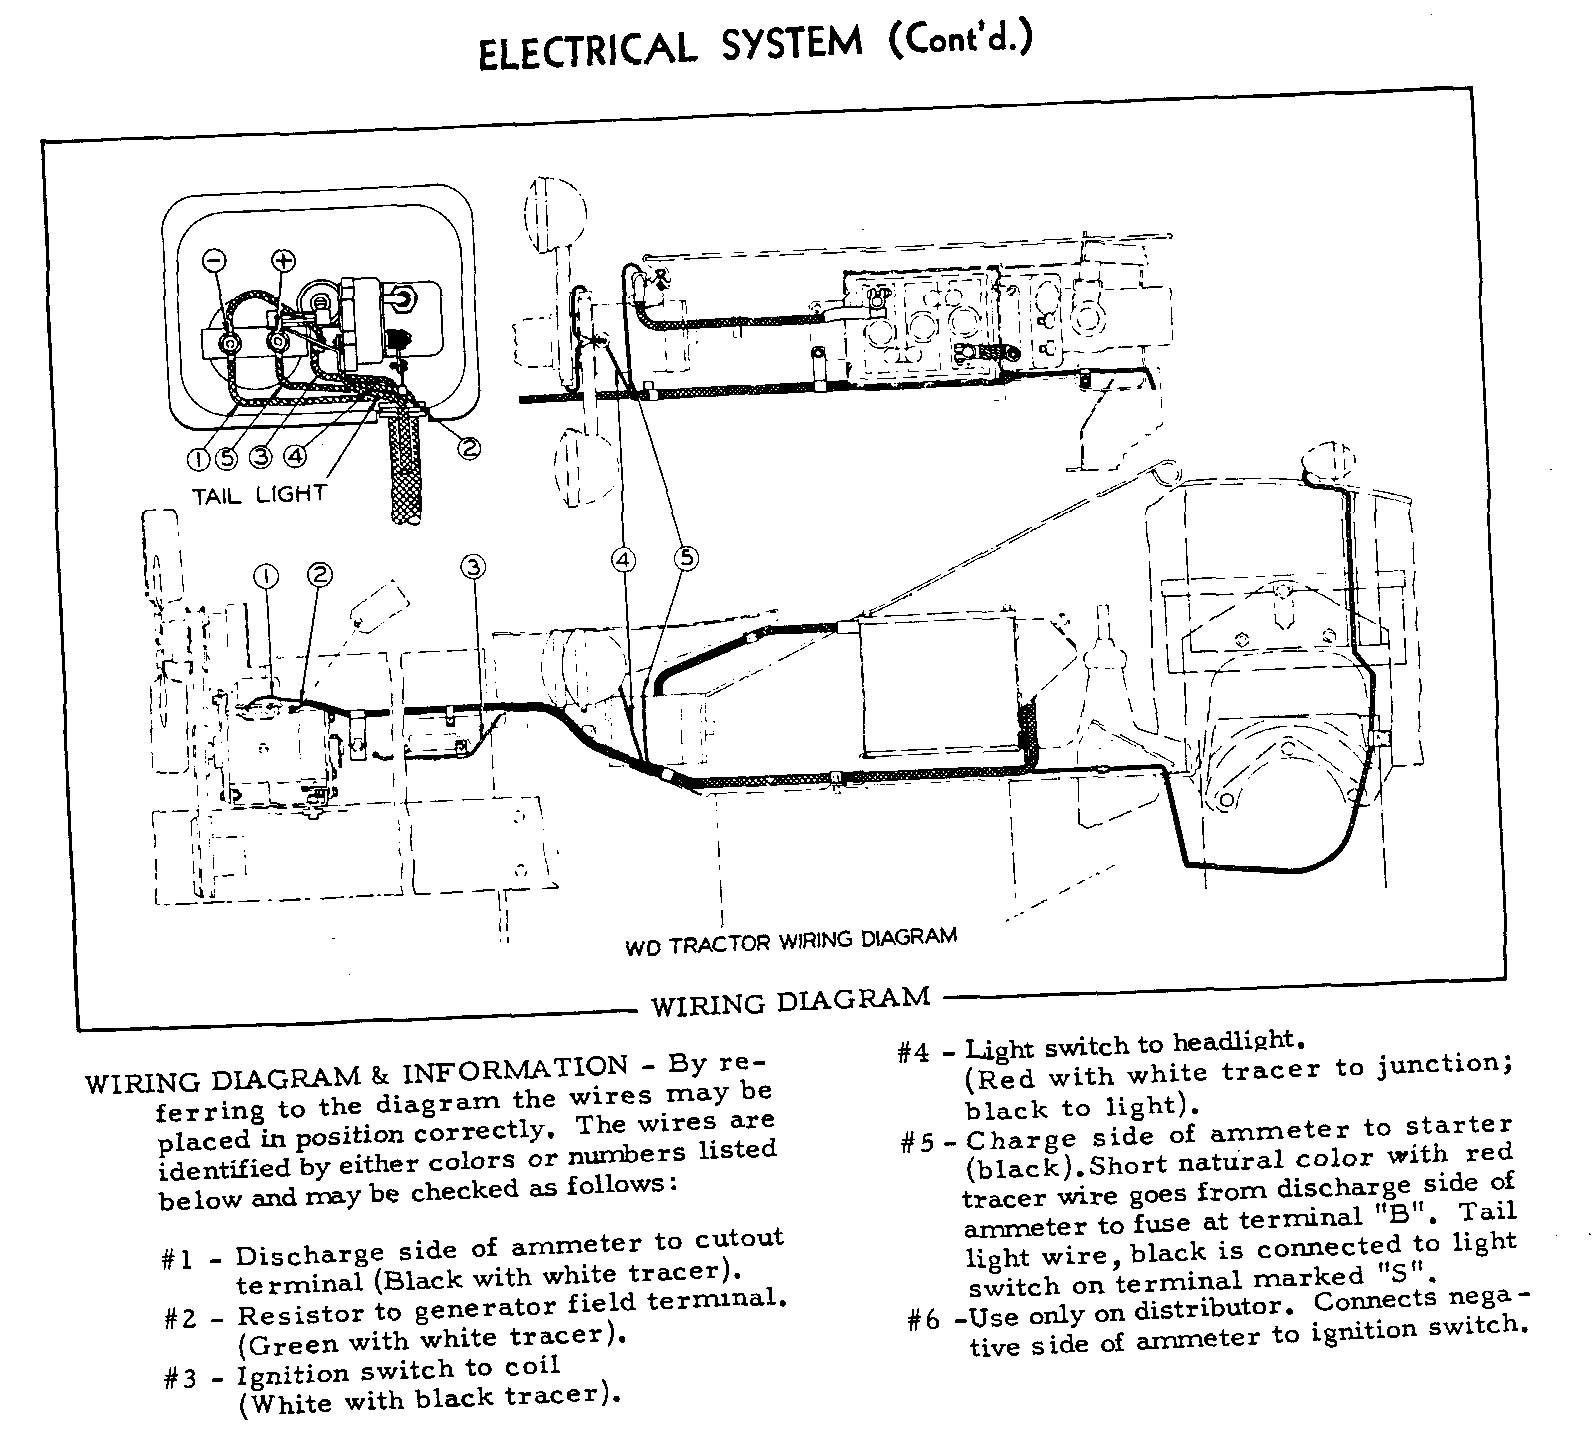 Diesel Engine Starter Wiring Diagram 79 F150 Solenoid Ignition Switch Universal Elegant Of